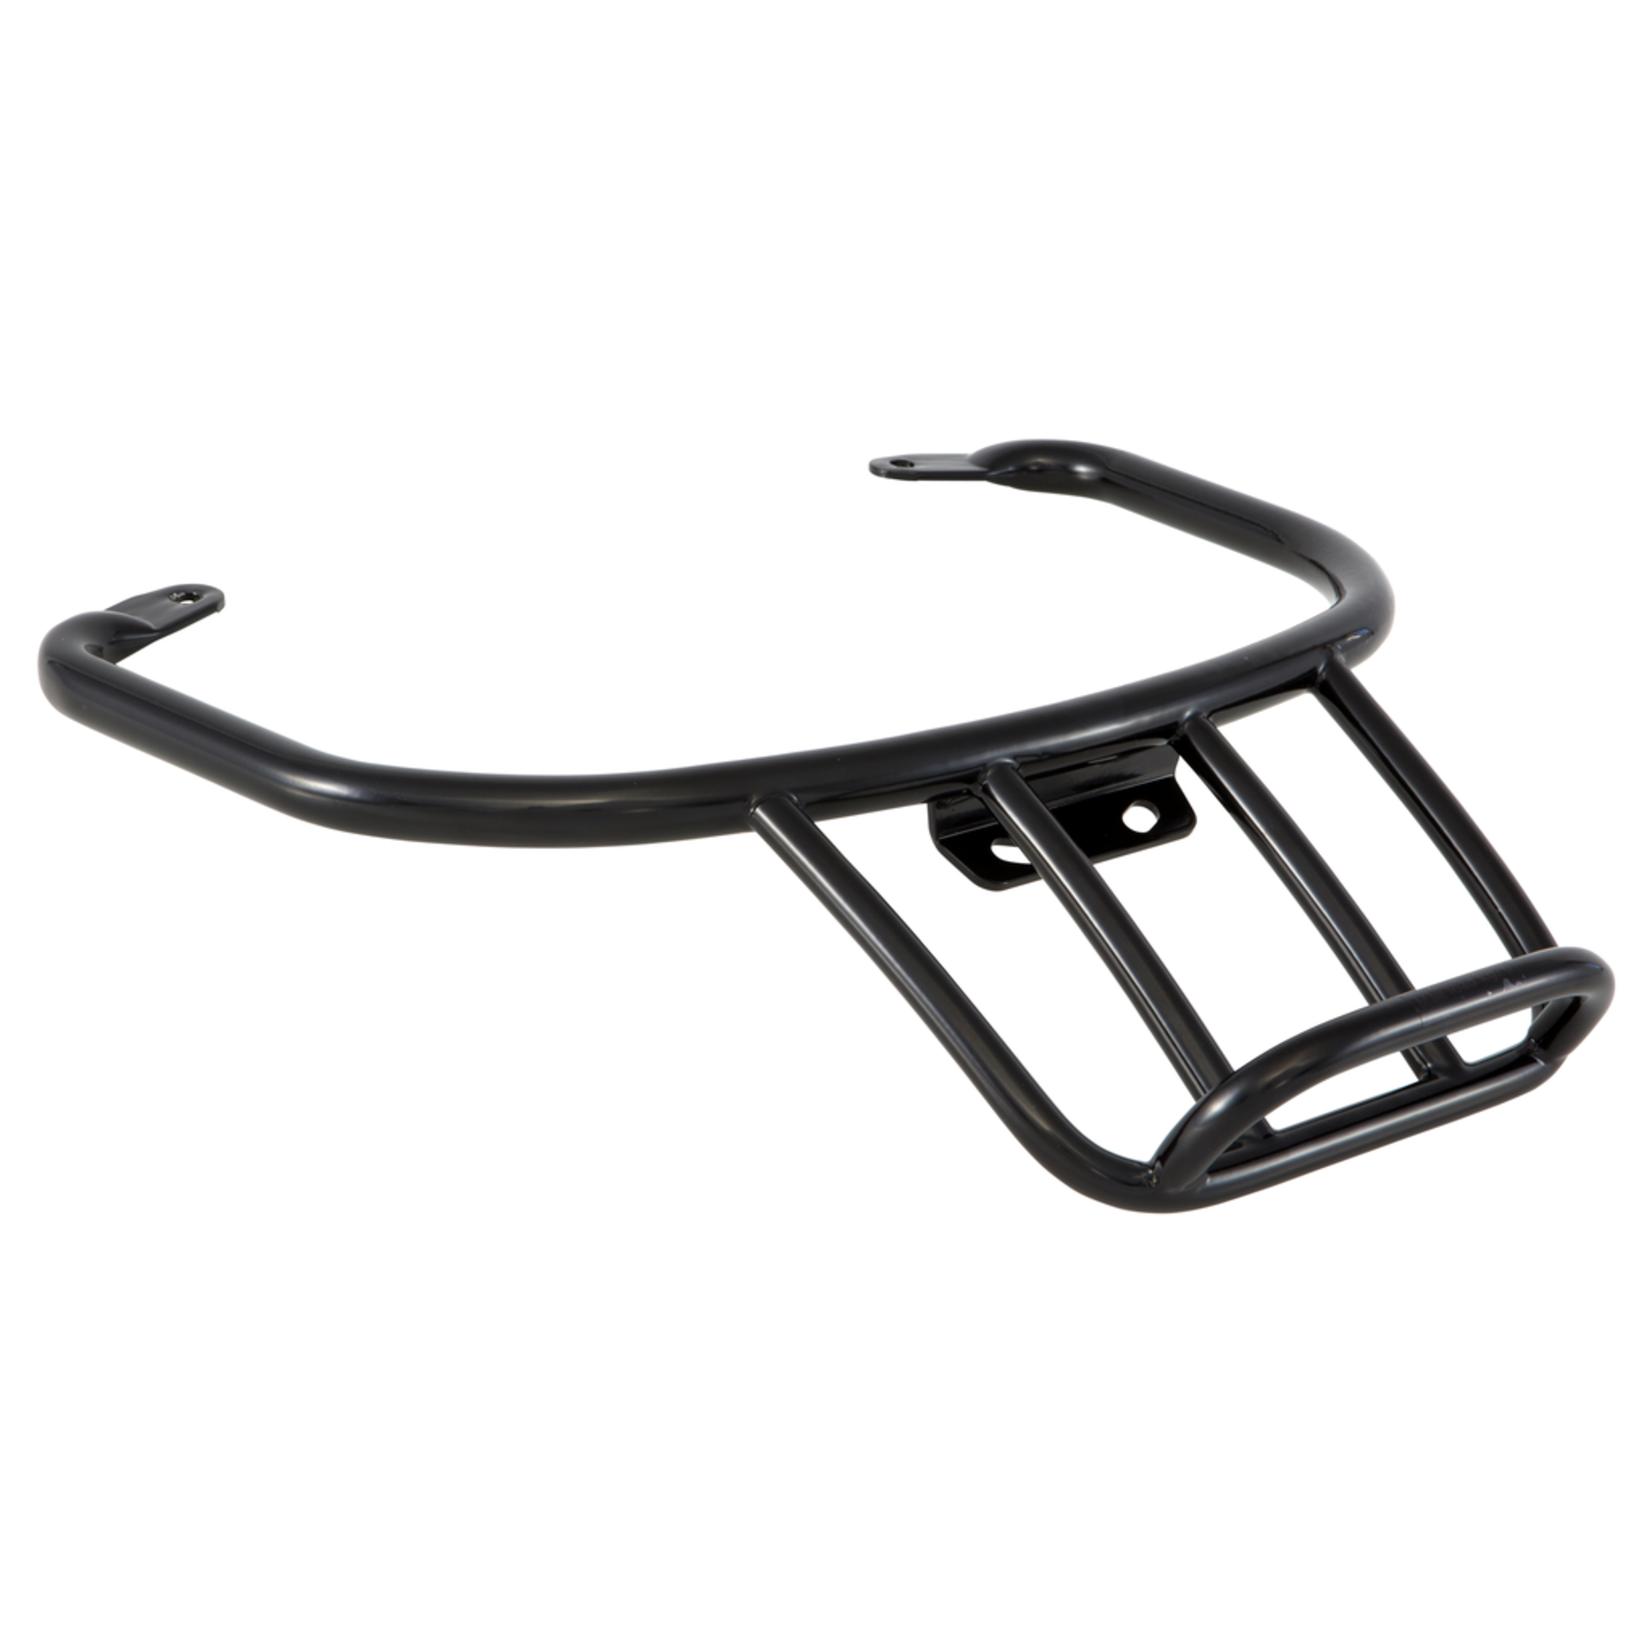 Accessories Rack, GTS 70's Grab Handle Luggage Rack Black